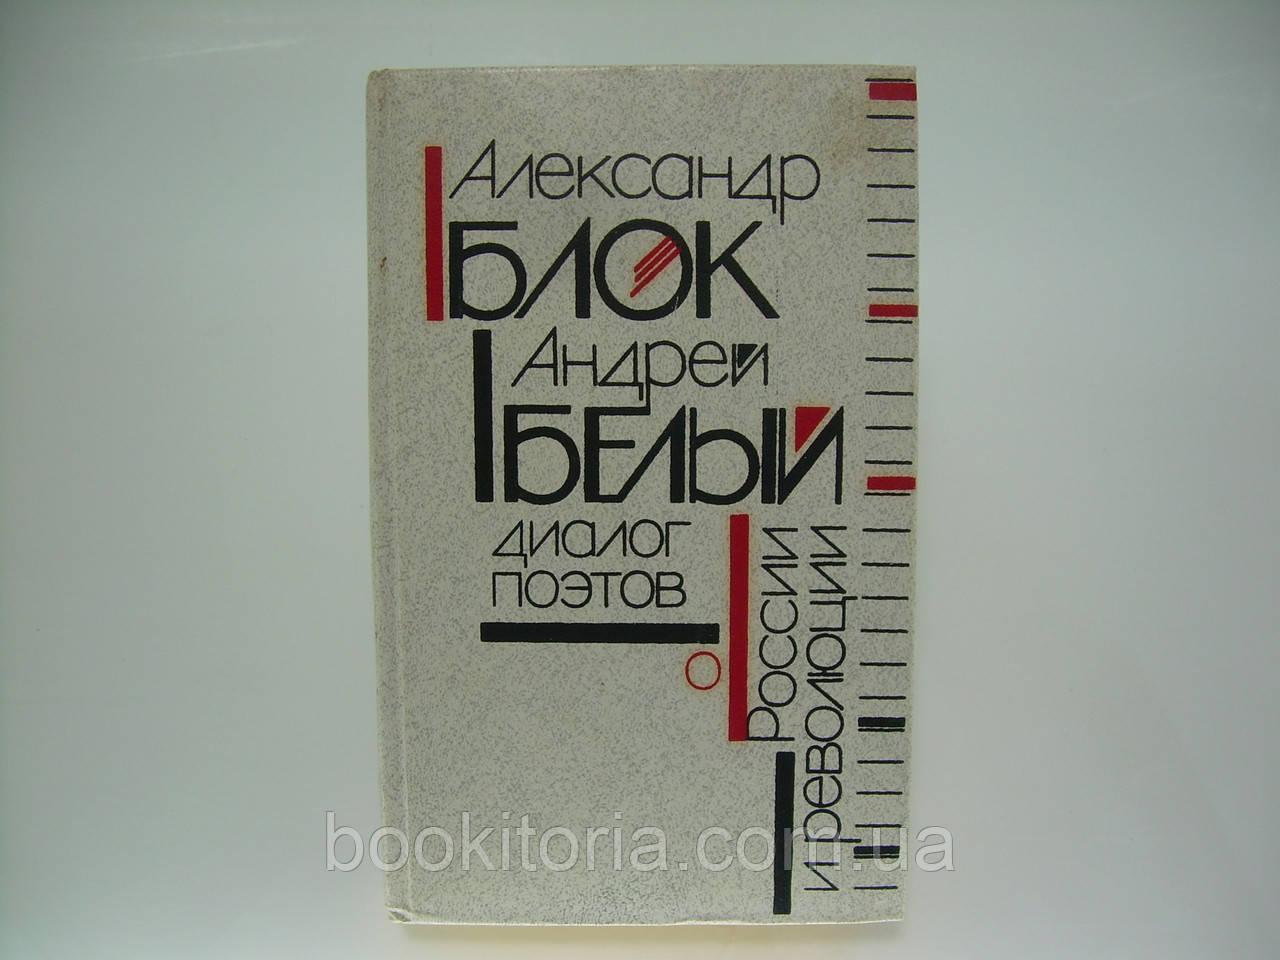 Александр Блок, Андрей Белый: Диалог поэтов о России и революции (б/у).